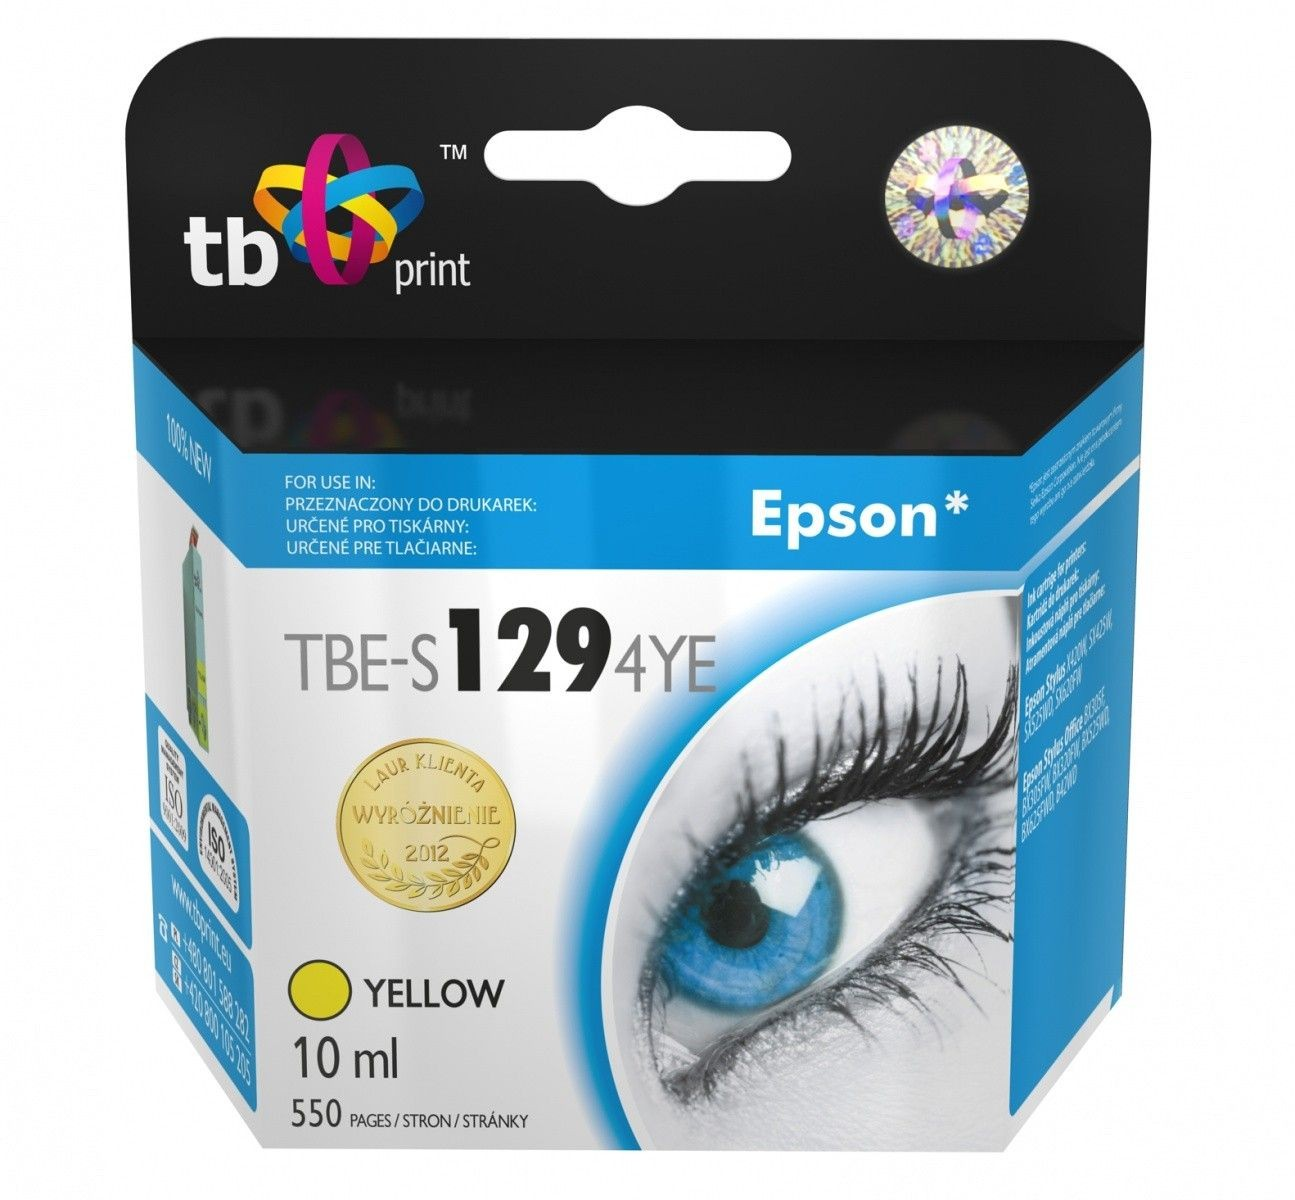 TB Print Tusz do Epson SX420W TBE-S1294YE YE